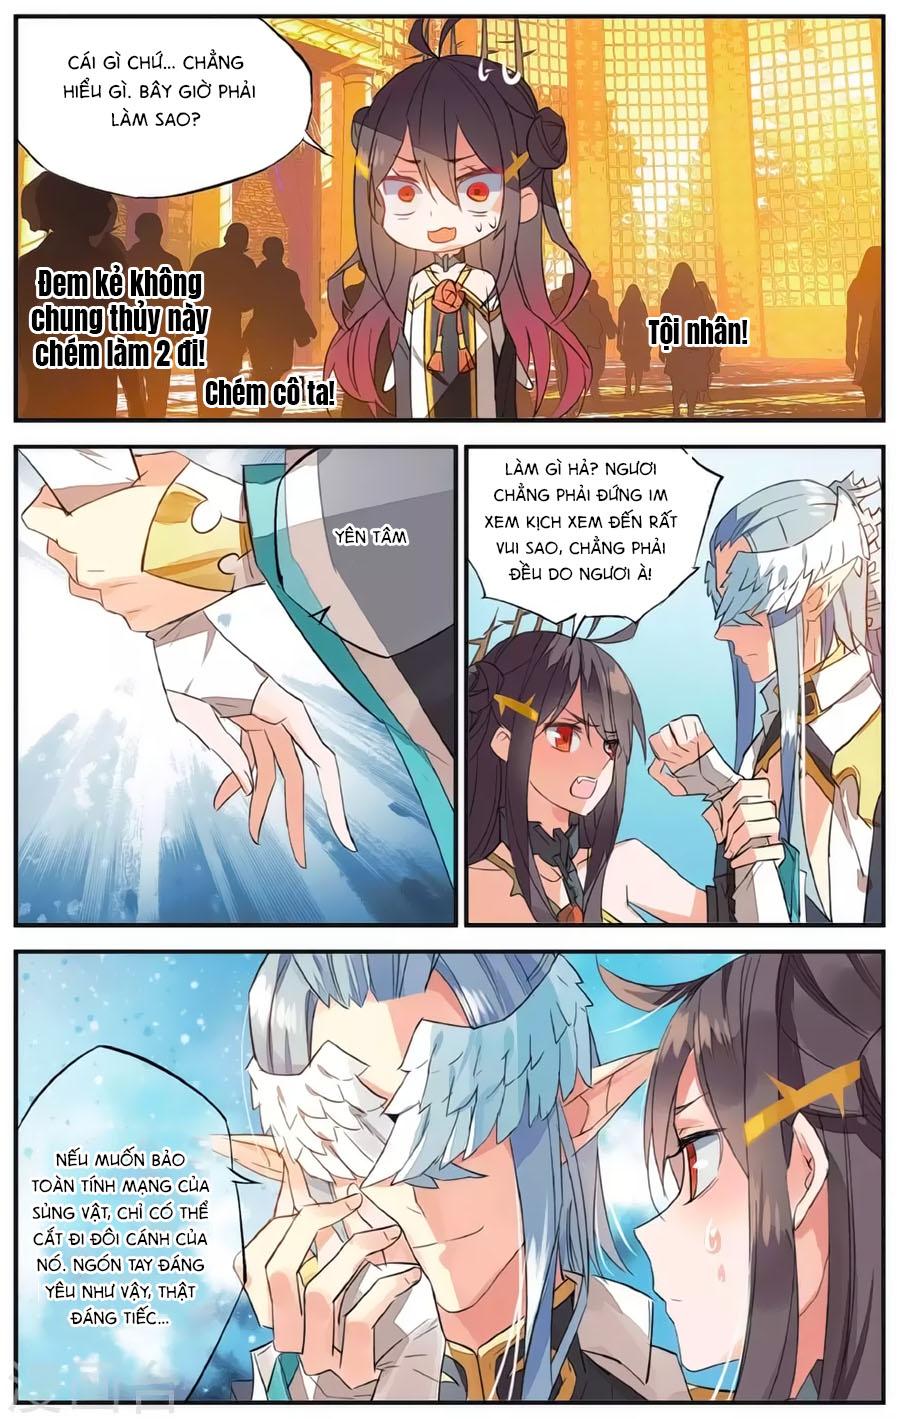 Nữ Nhân Dũng Cảm chap 62 - Trang 11